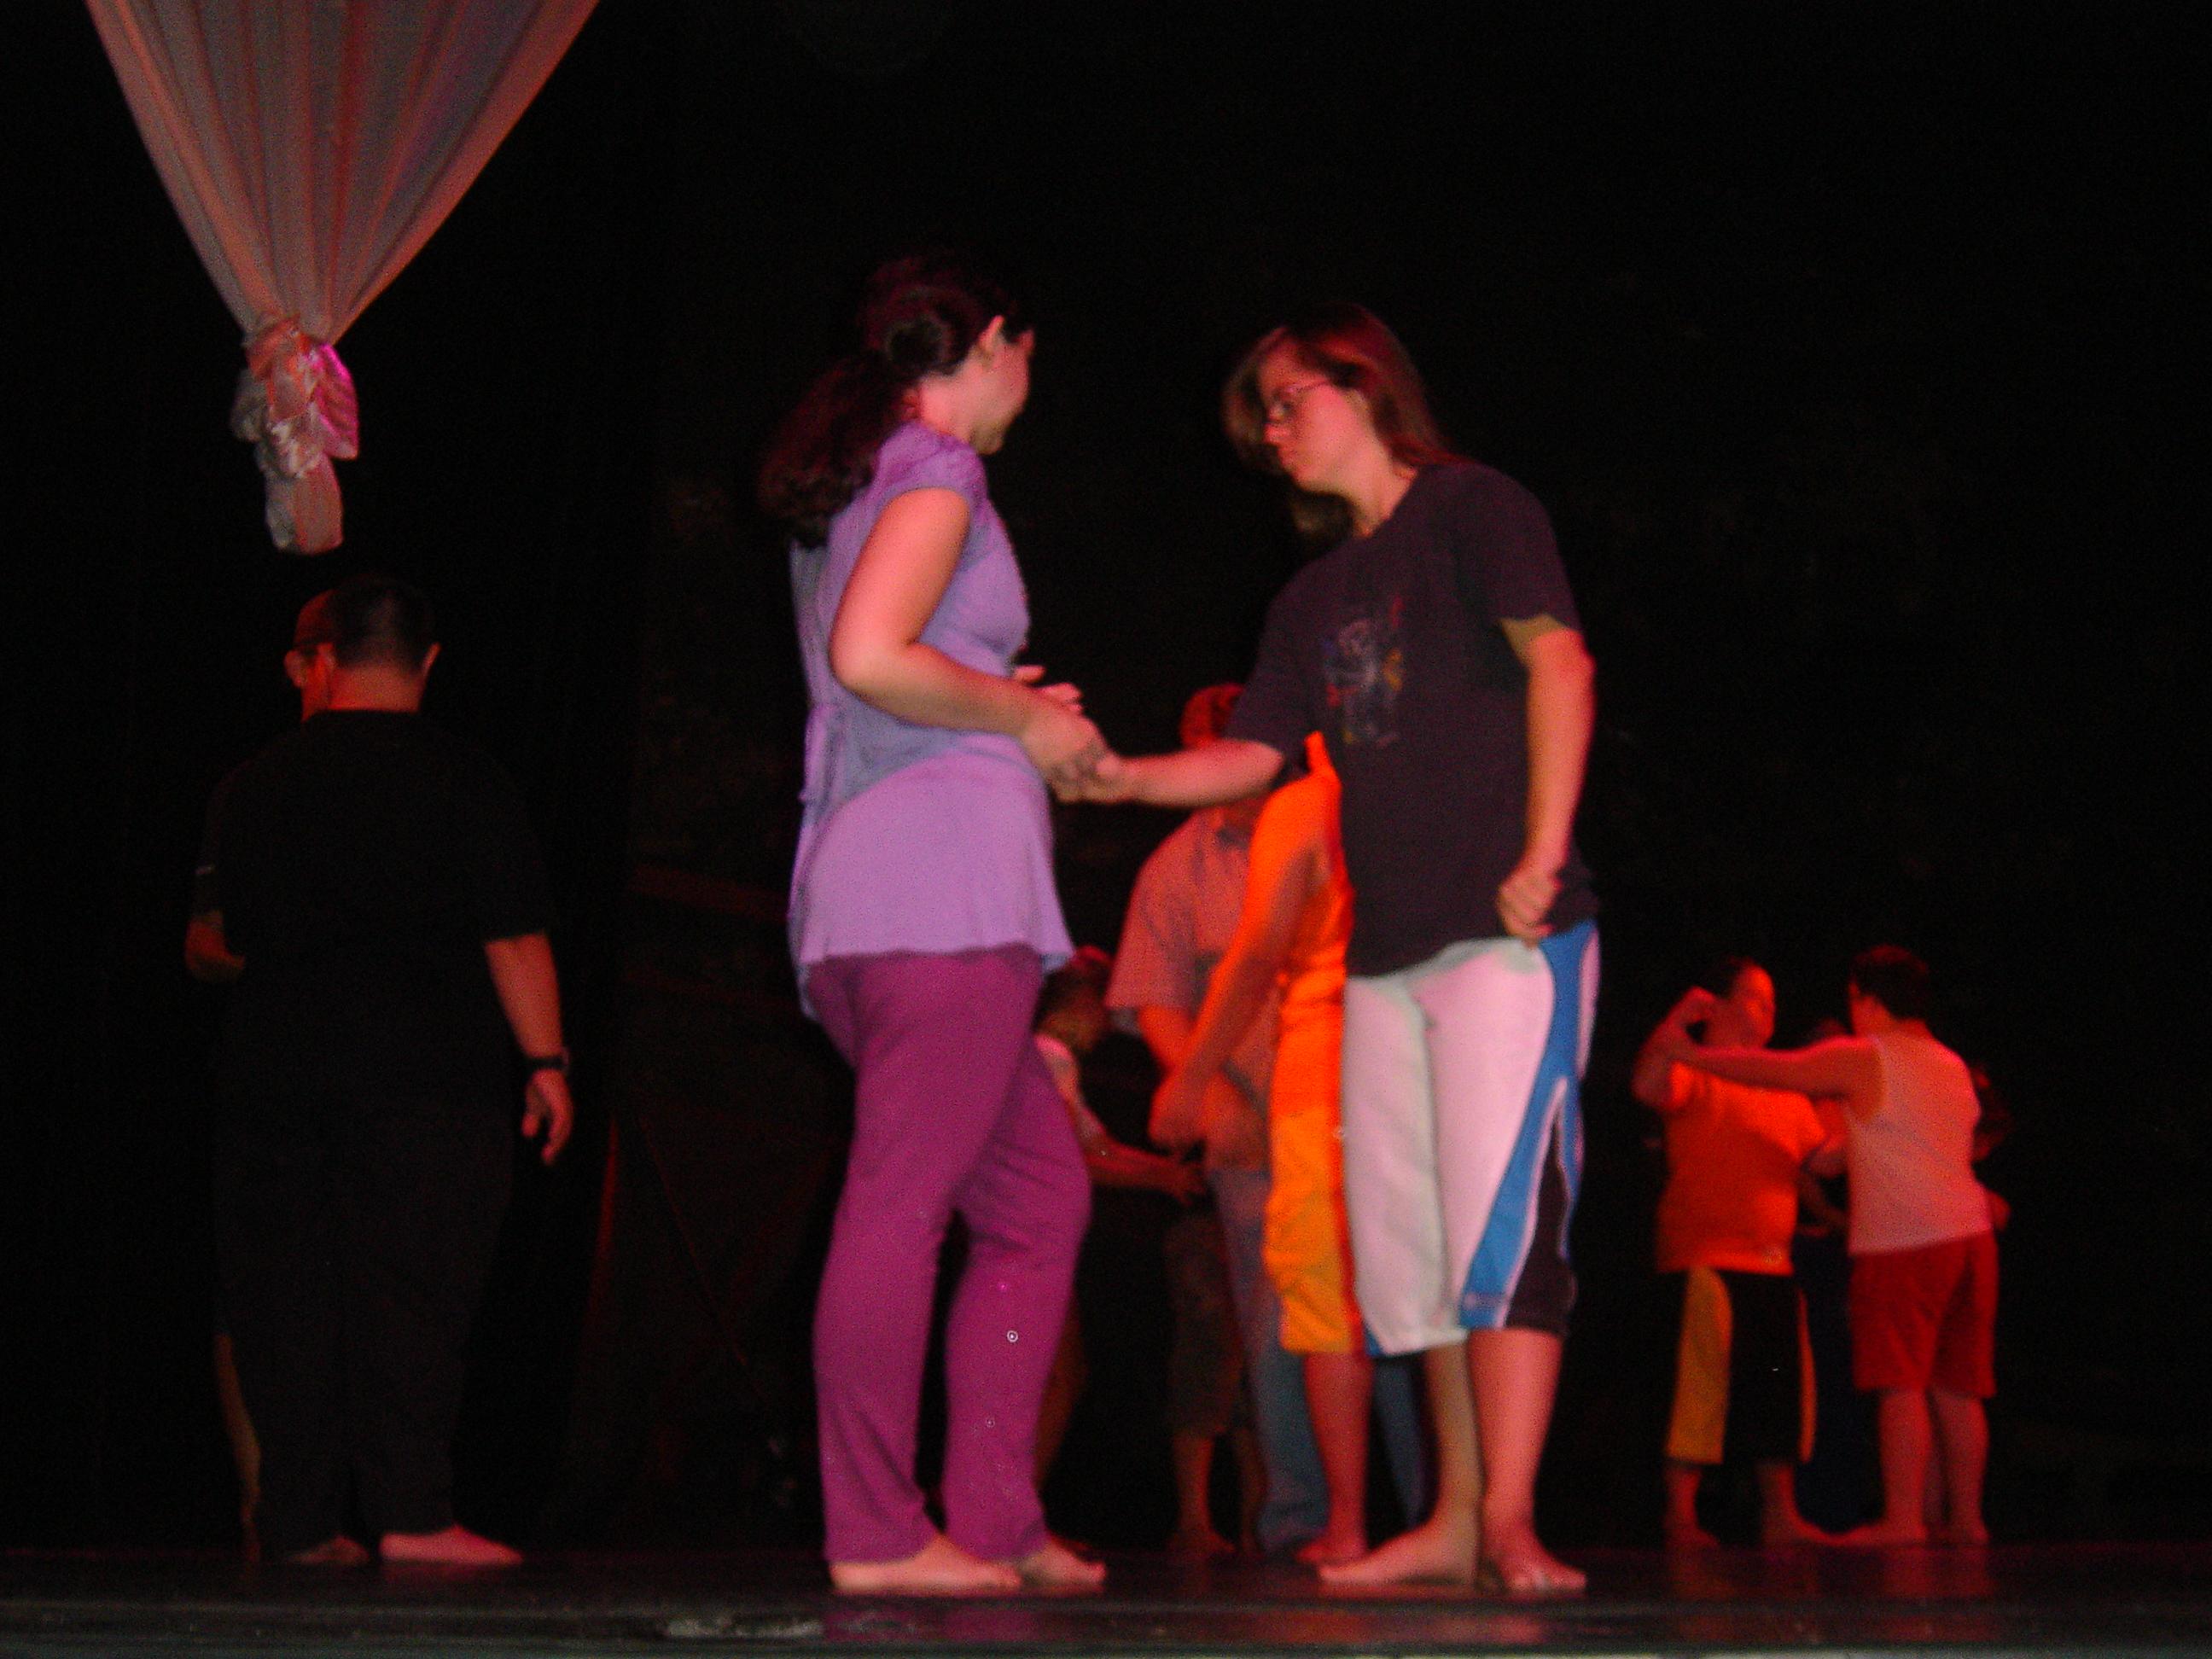 A Júlia (à dir.) já fez um teste de casting na Gatacine. Chama muita a atenção o quanto o palco contribui para sua expressão artística...